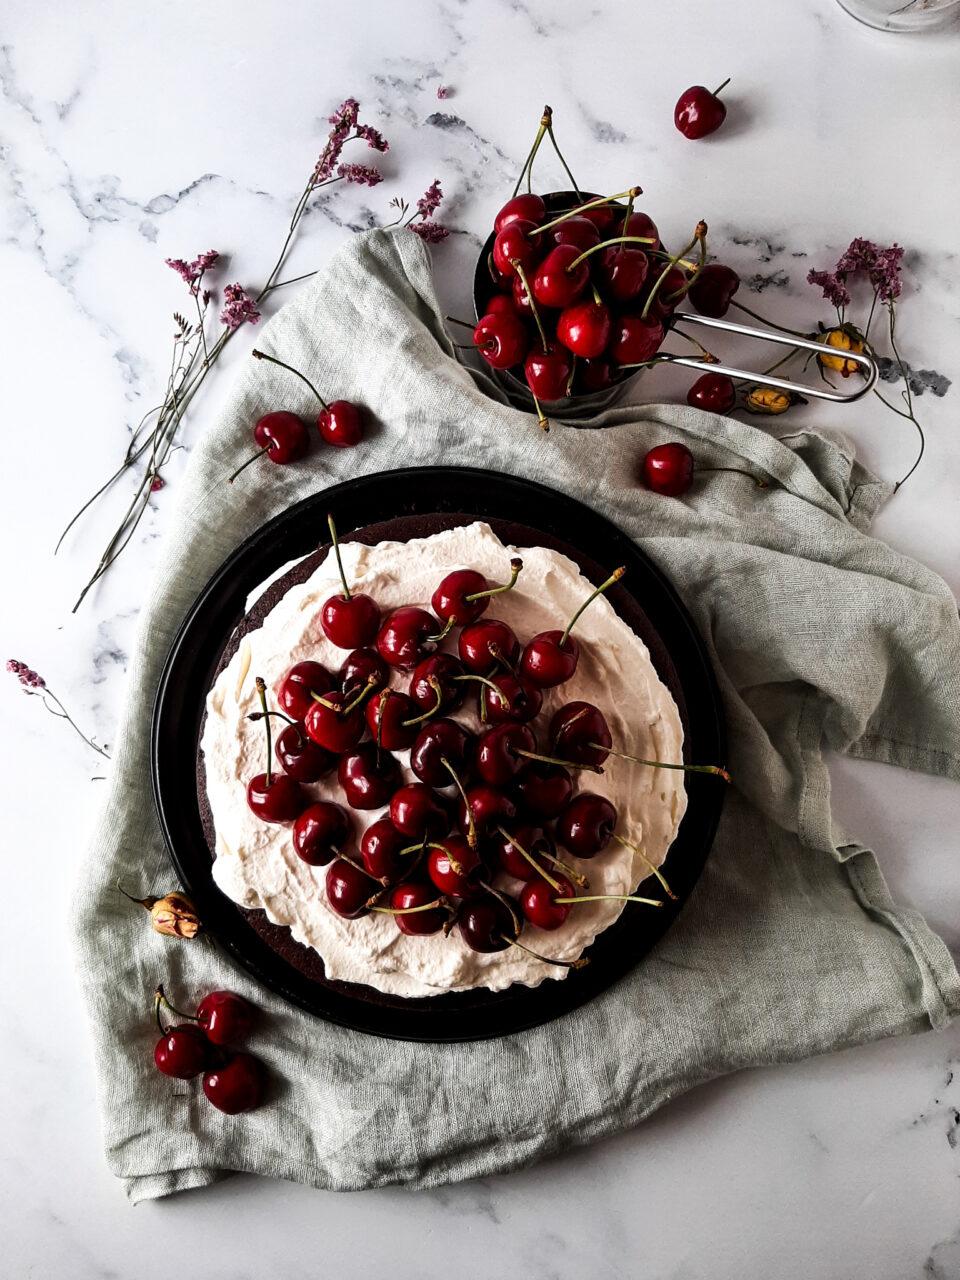 torta al cioccolato con ciliegie, panna e mascarpone